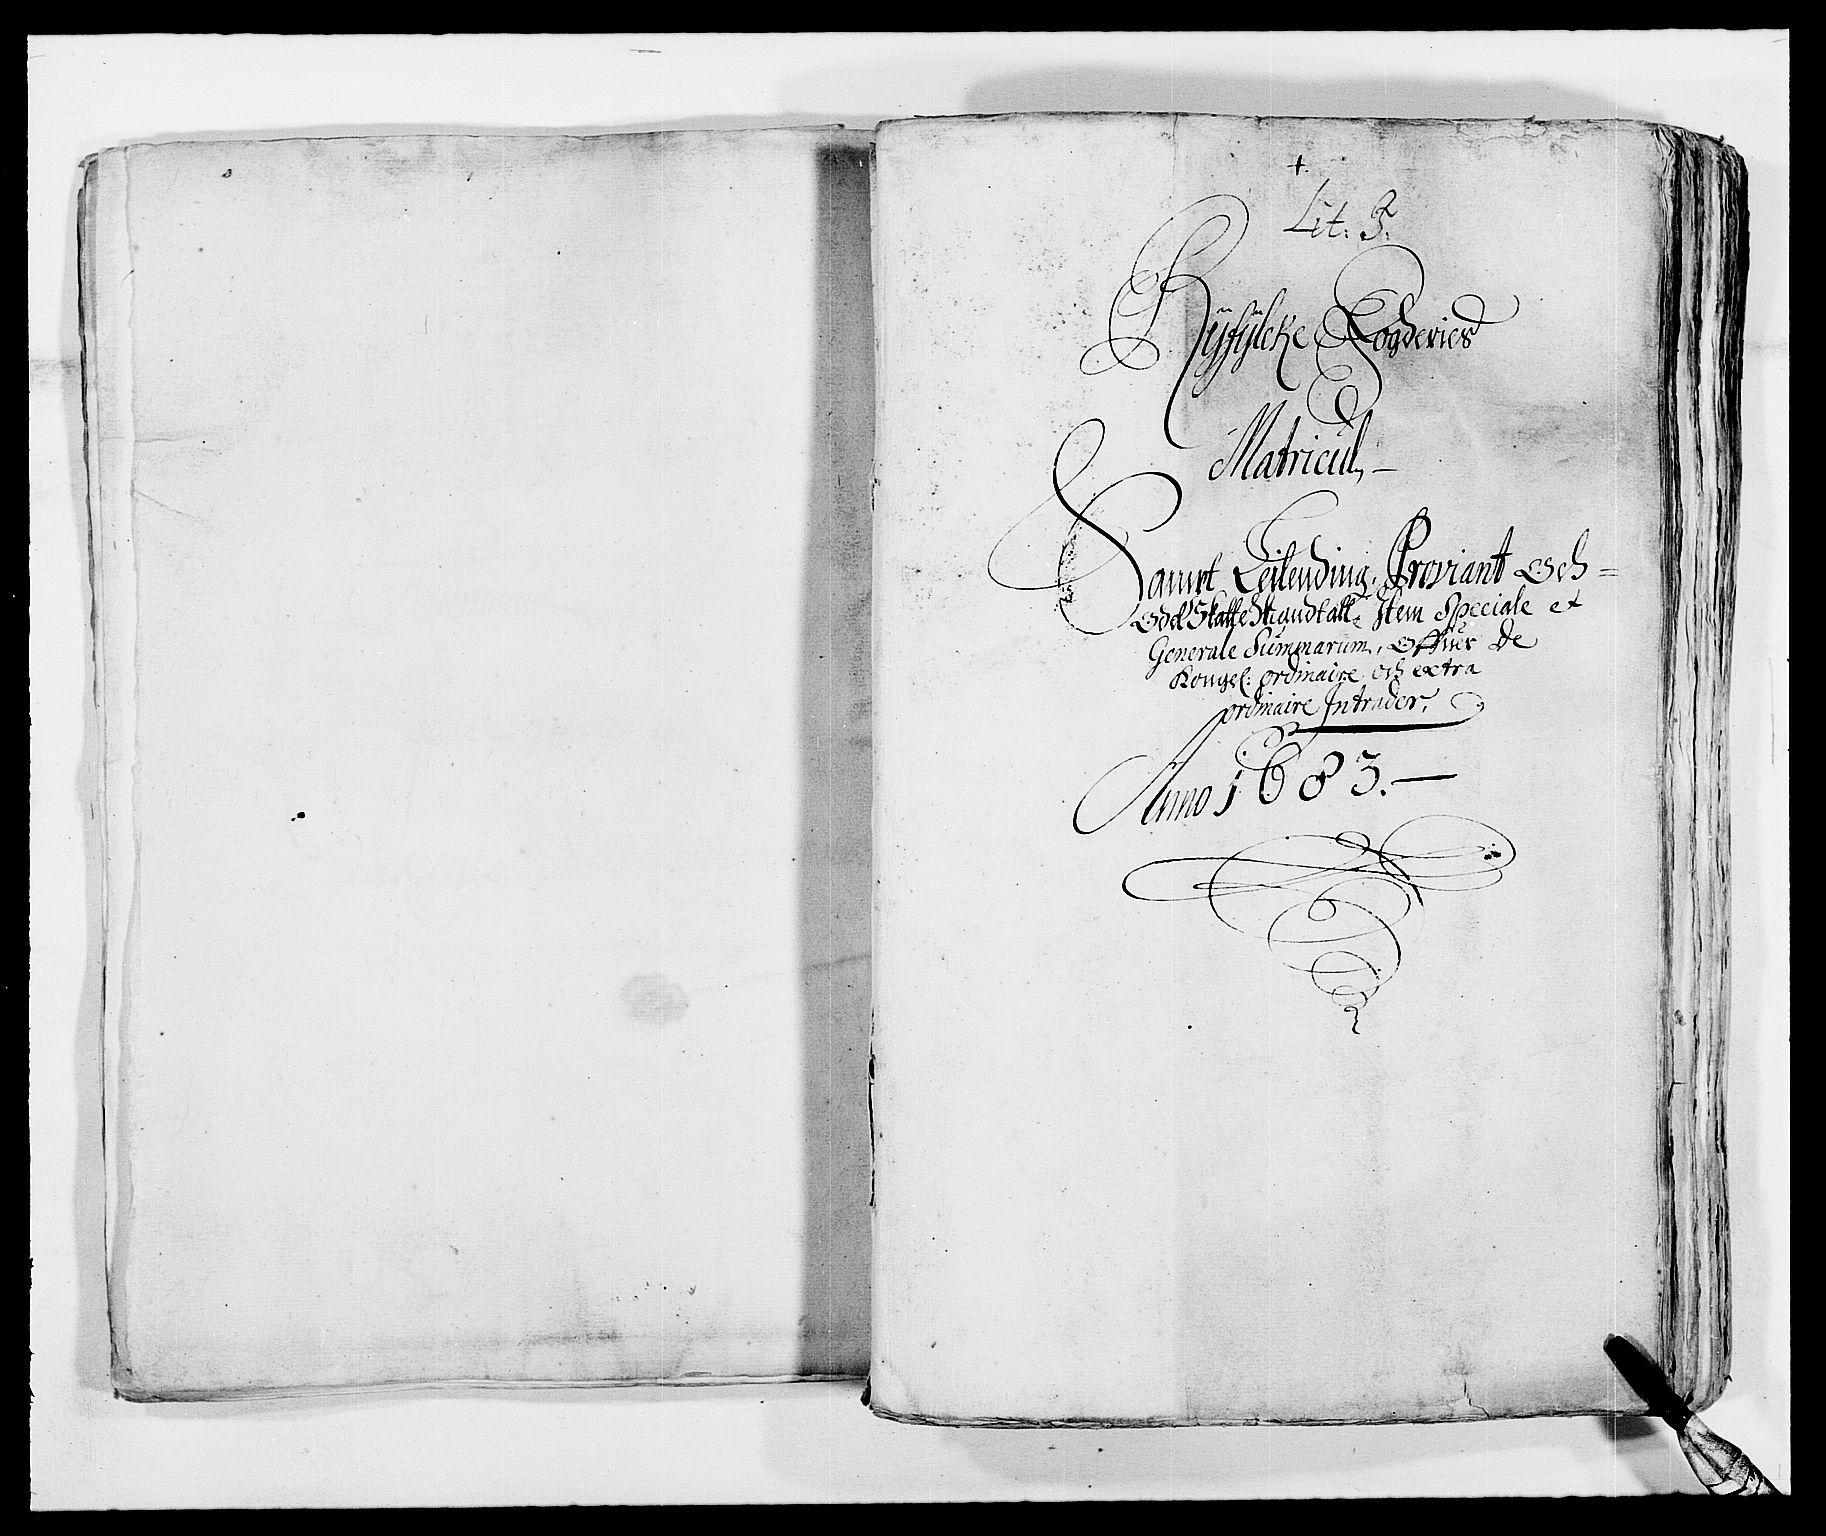 RA, Rentekammeret inntil 1814, Reviderte regnskaper, Fogderegnskap, R47/L2853: Fogderegnskap Ryfylke, 1682-1683, s. 286